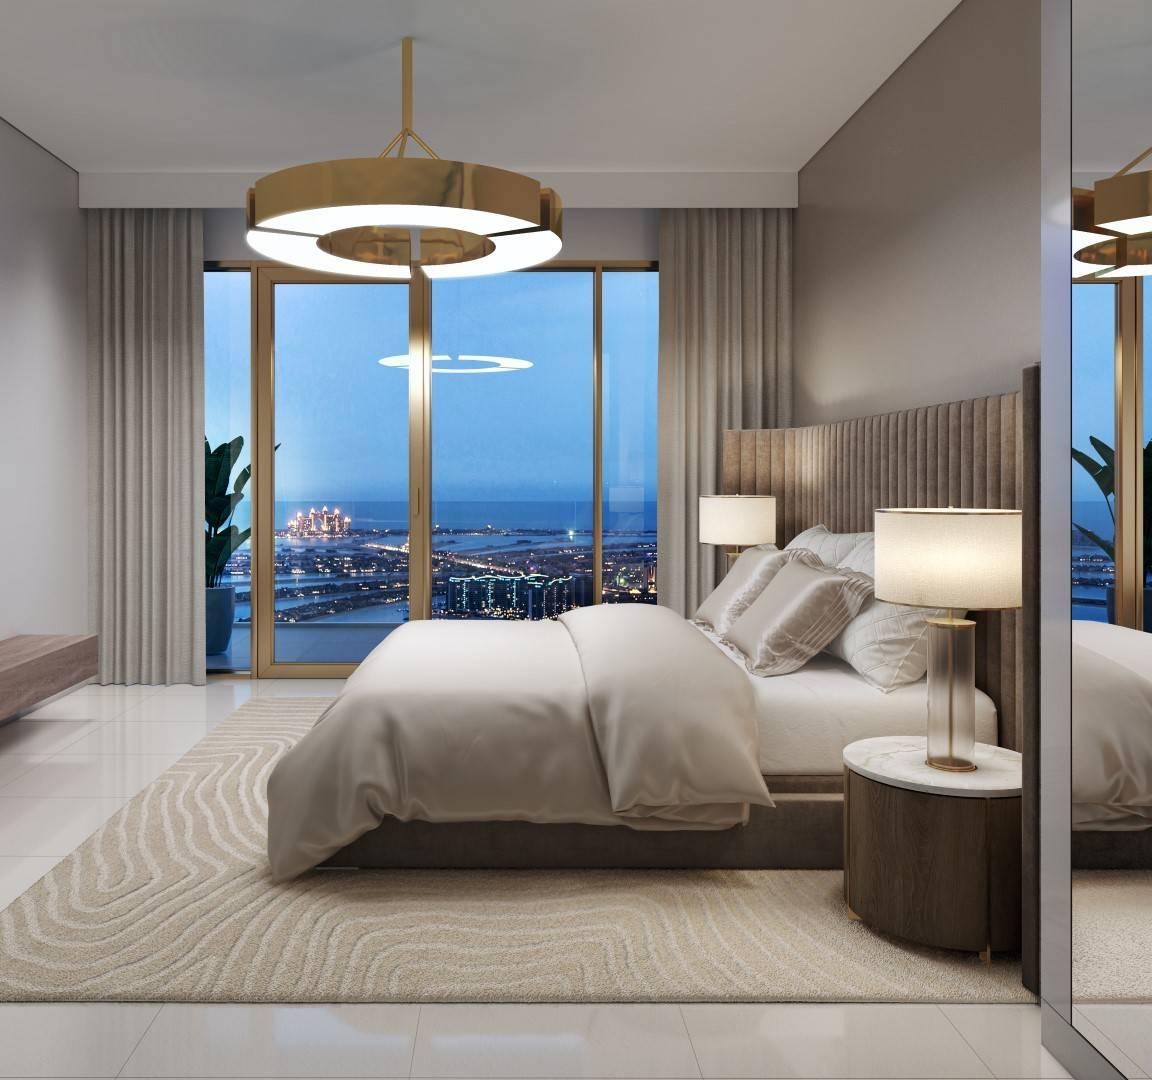 Apartment, sale in Elie Saab Residences Dubai, UAE